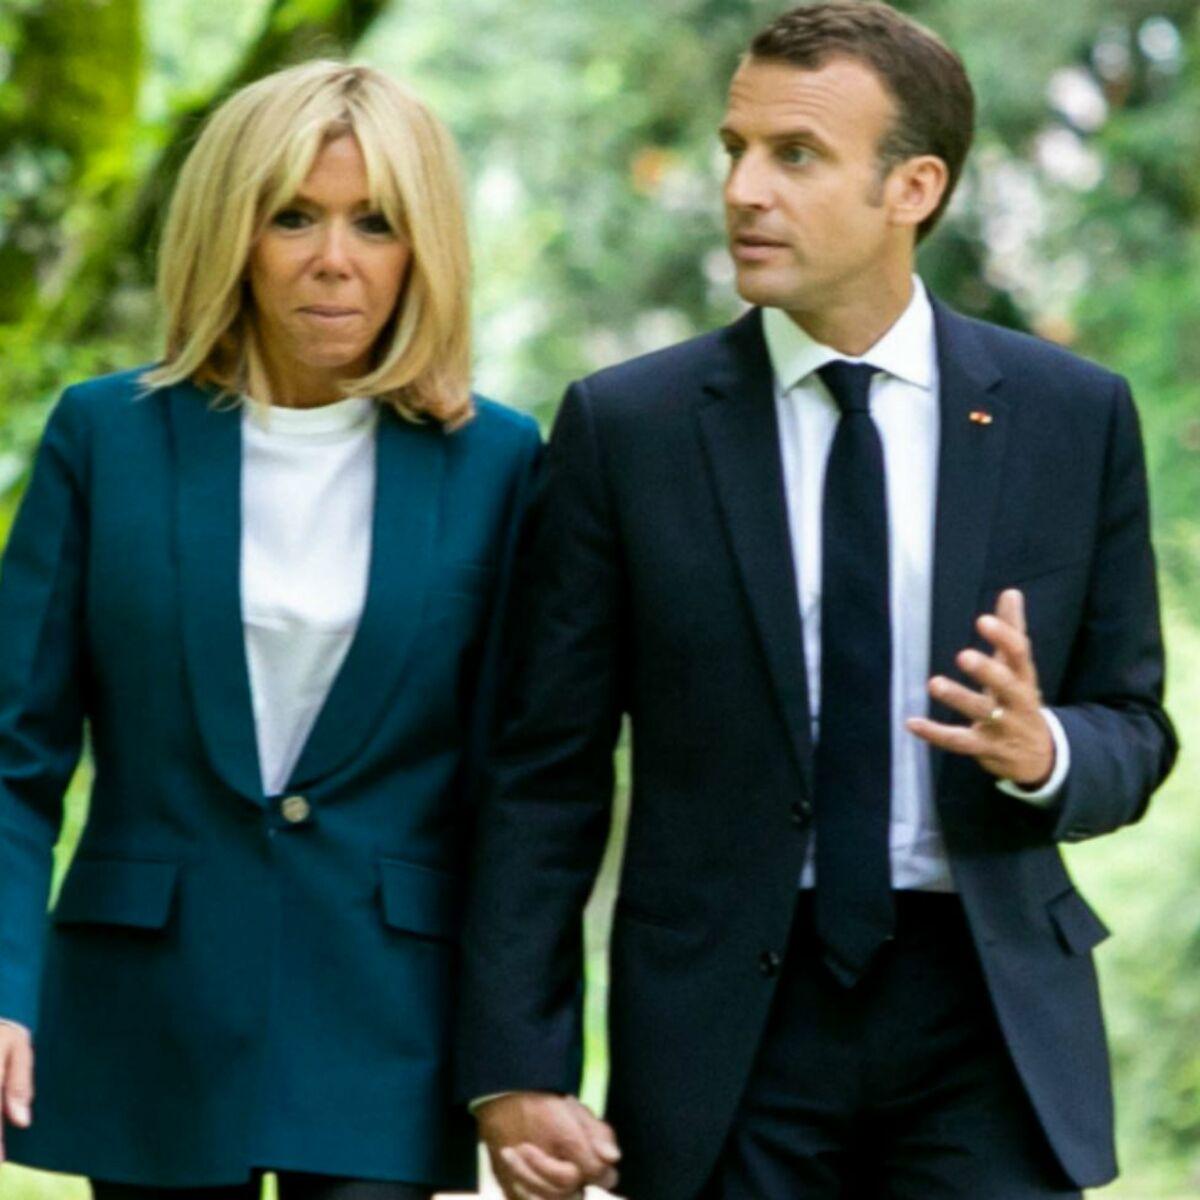 Mariage De Brigitte Et Emmanuel Macron Tiphaine Auziere Raconte Pour La Premiere Fois Le Divorce De Sa Mere Femme Actuelle Le Mag